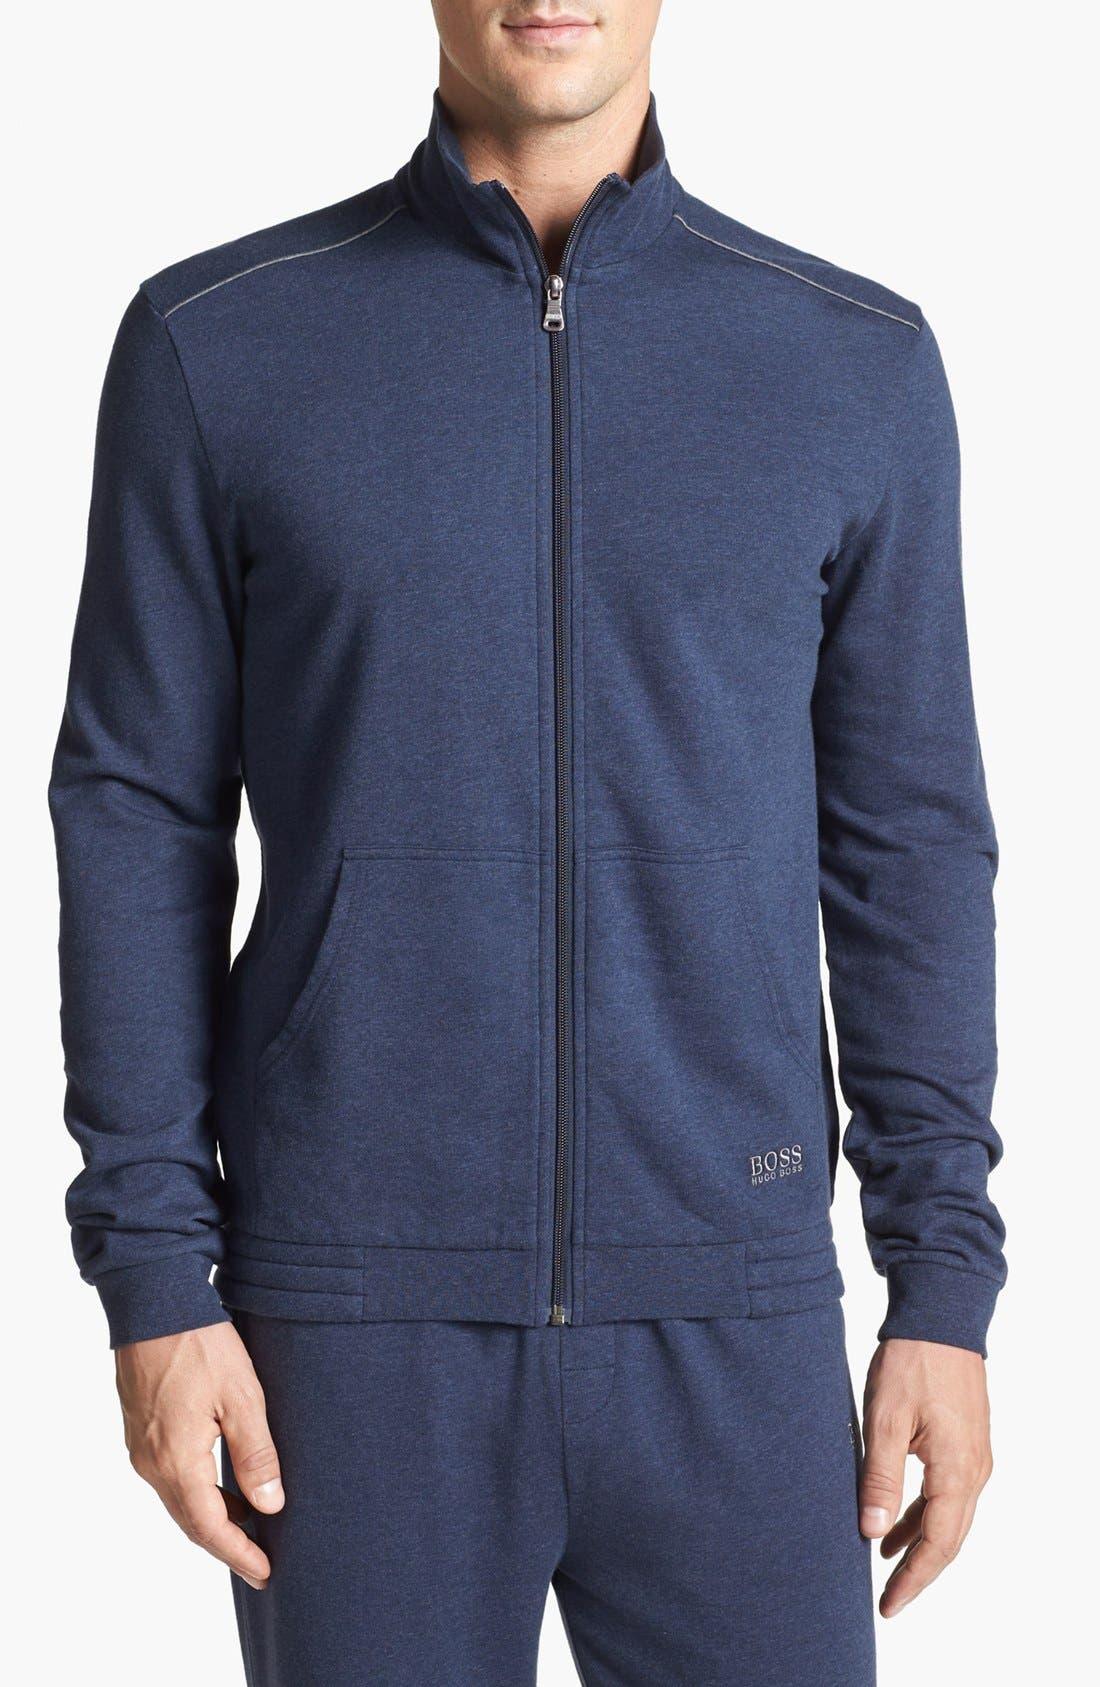 Main Image - BOSS HUGO BOSS 'Innovation 4' Jacket